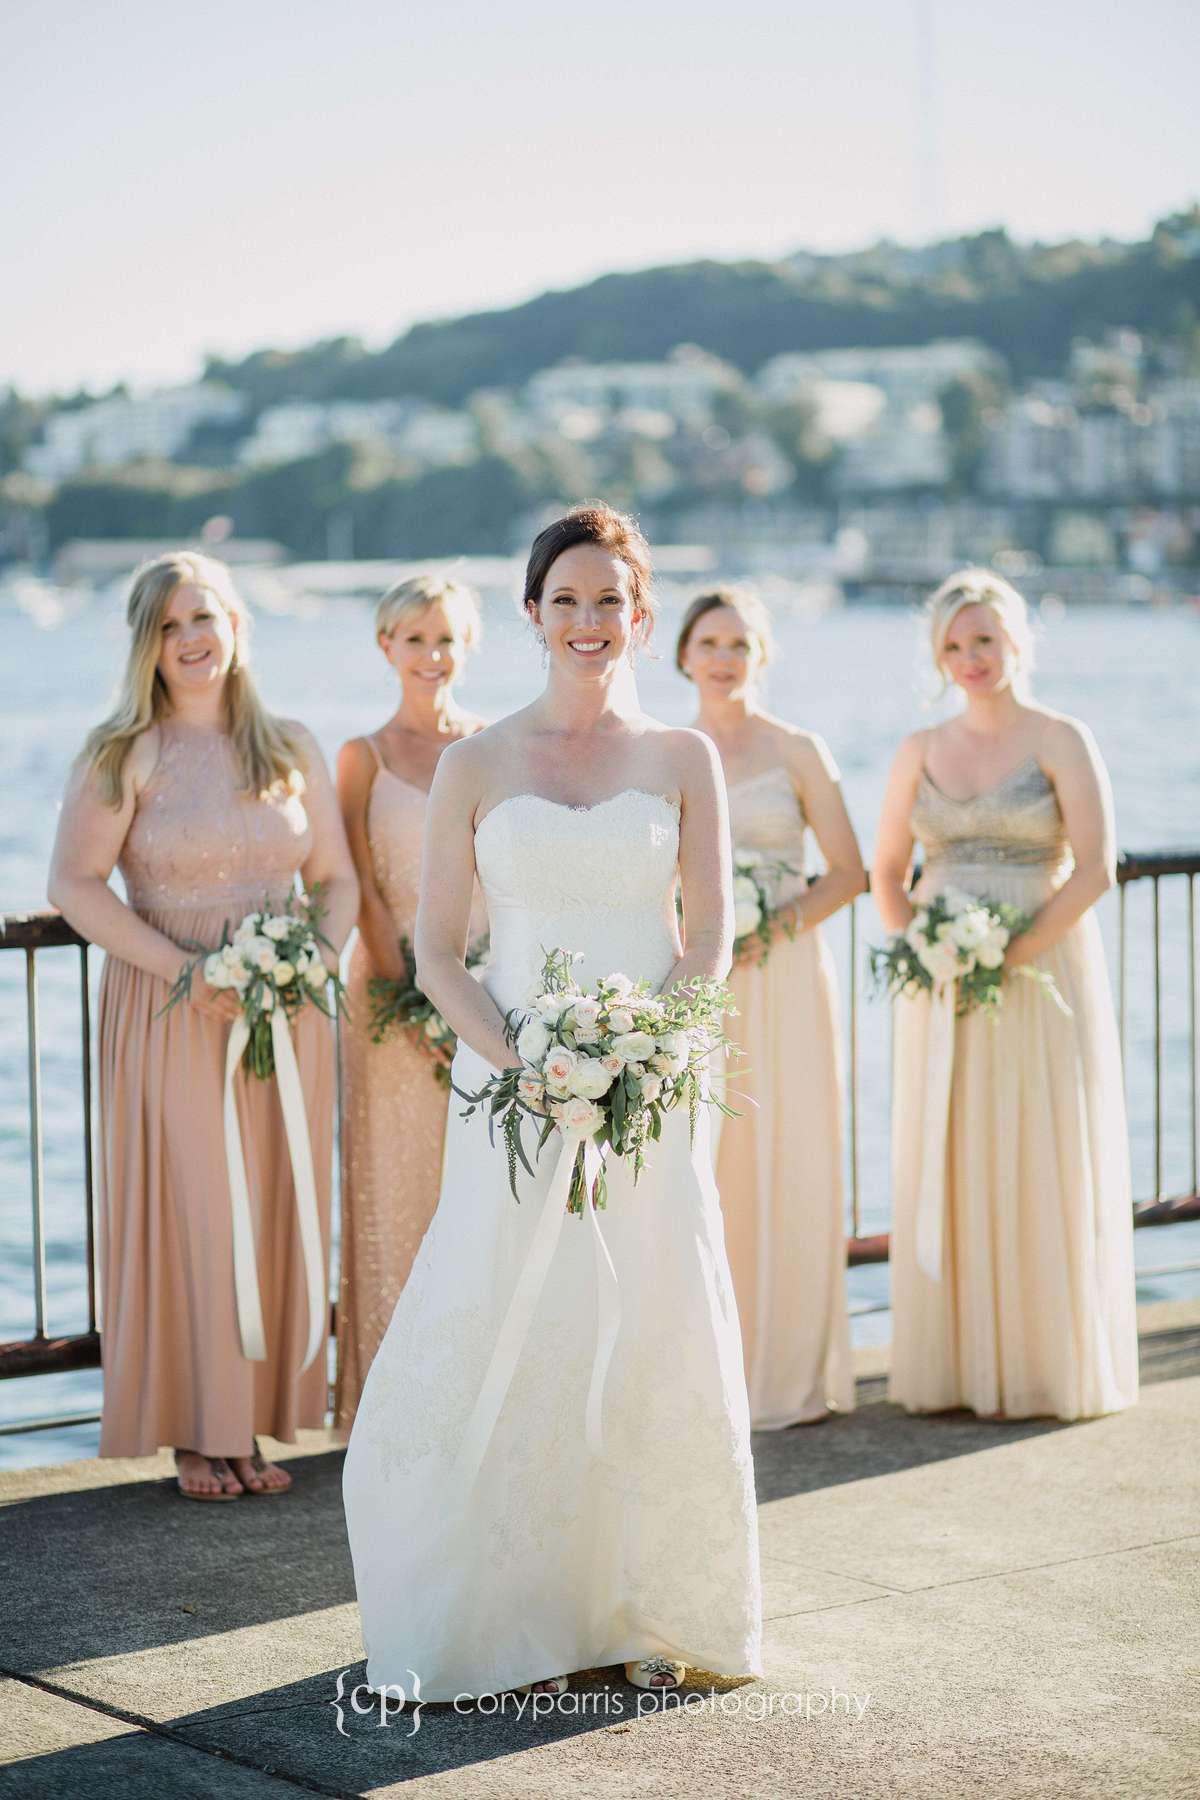 430-lake-union-cafe-wedding--photography-seattle.jpg